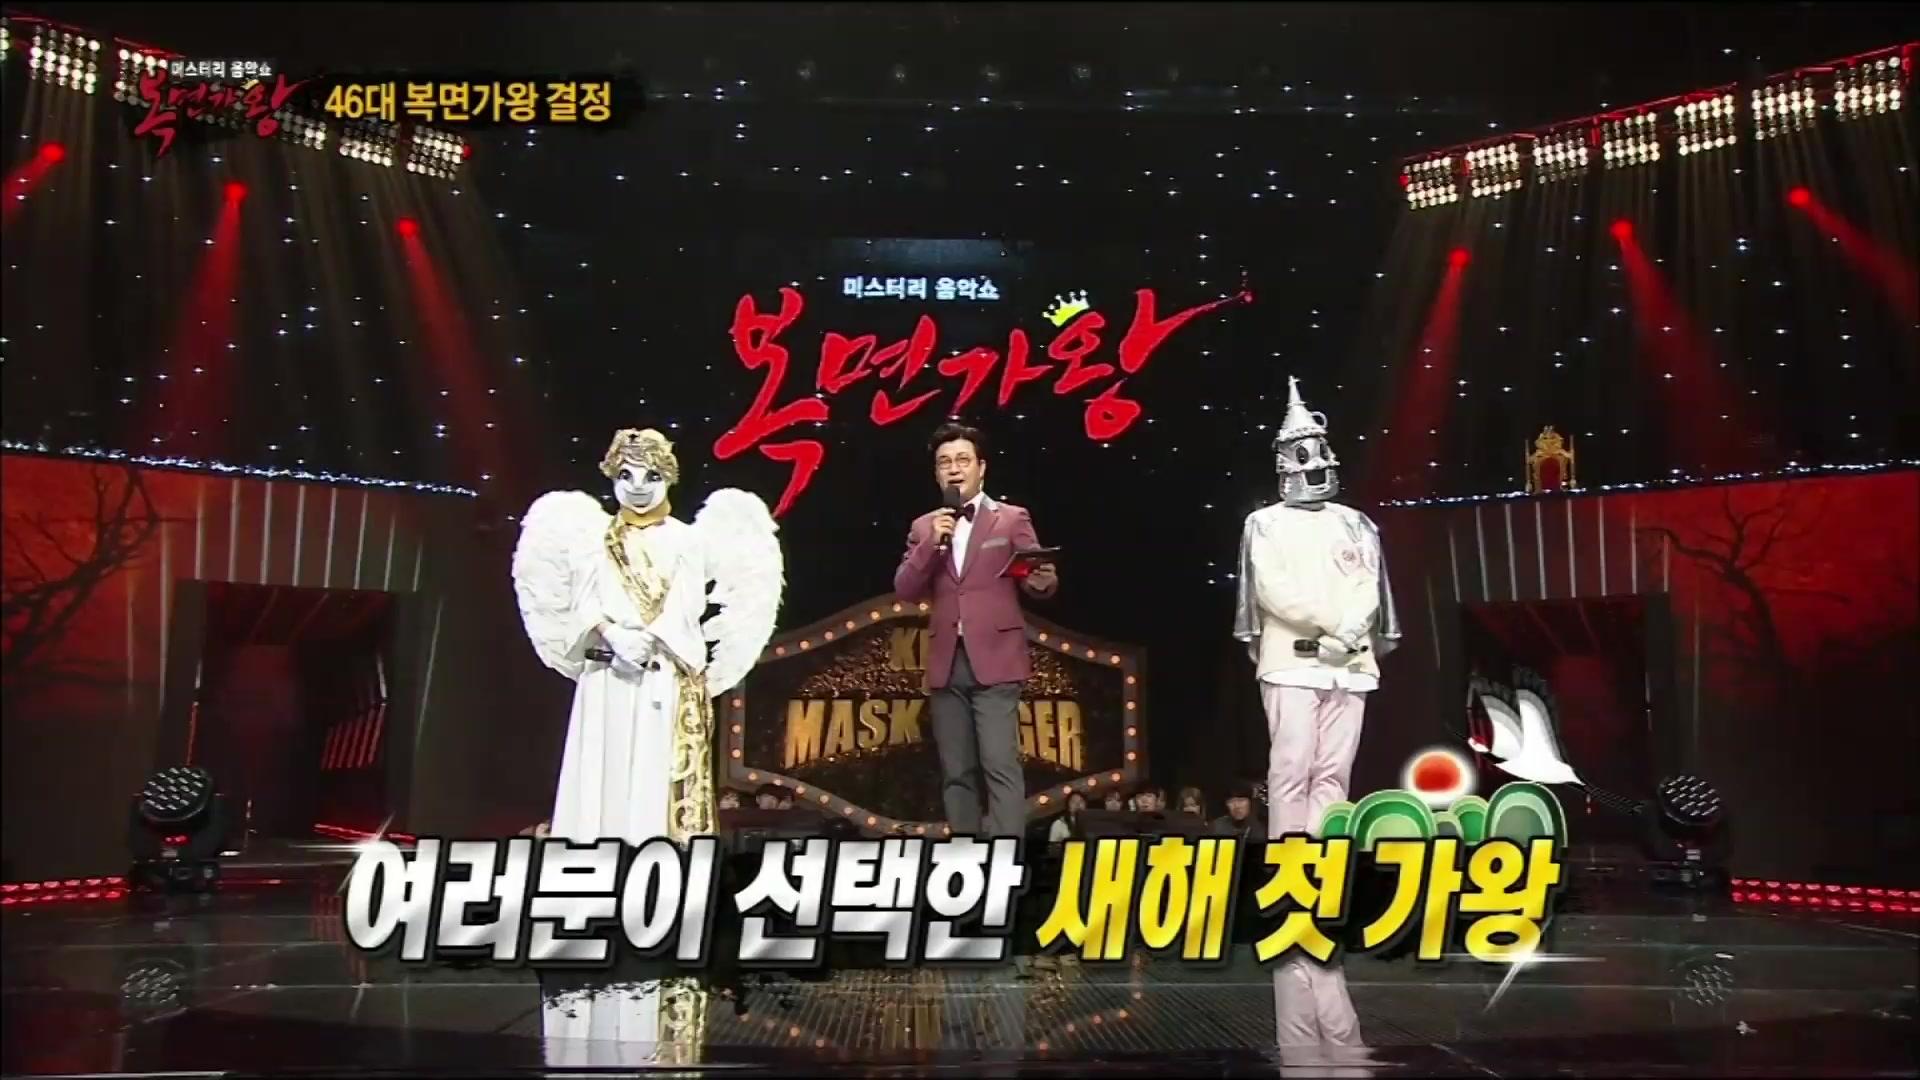 King of Masked Singer Episode 92